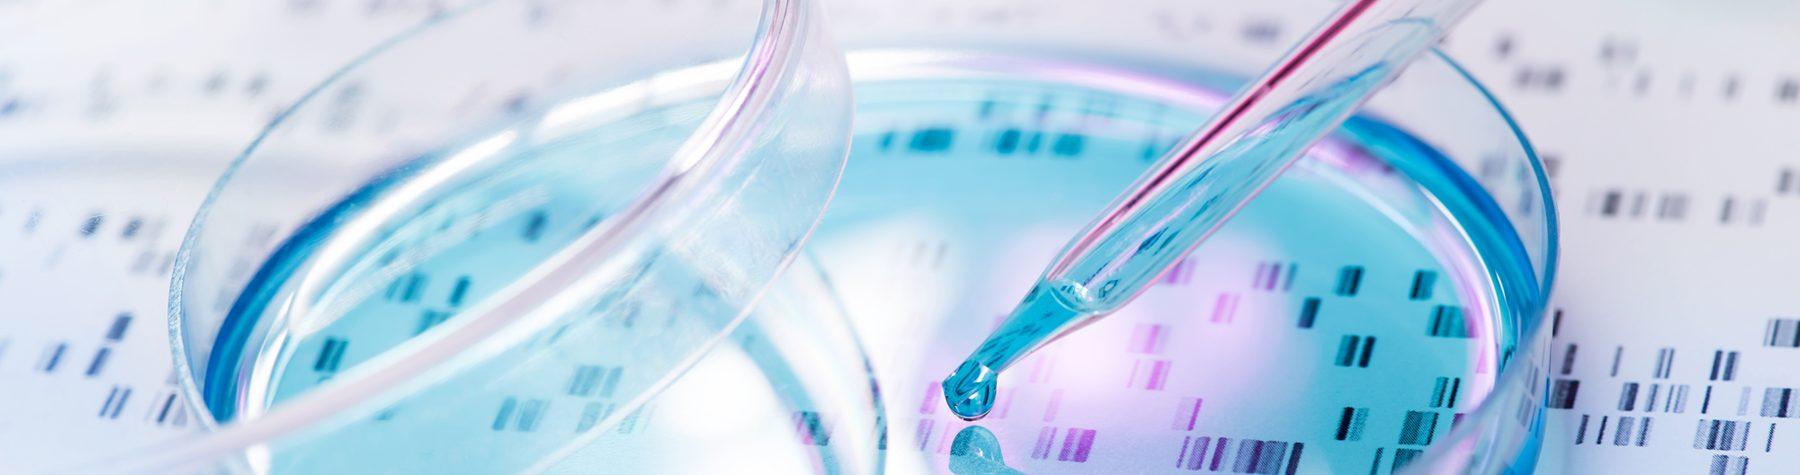 Genetics Genomics Online Graduate Certificate Program: DNA Sampling